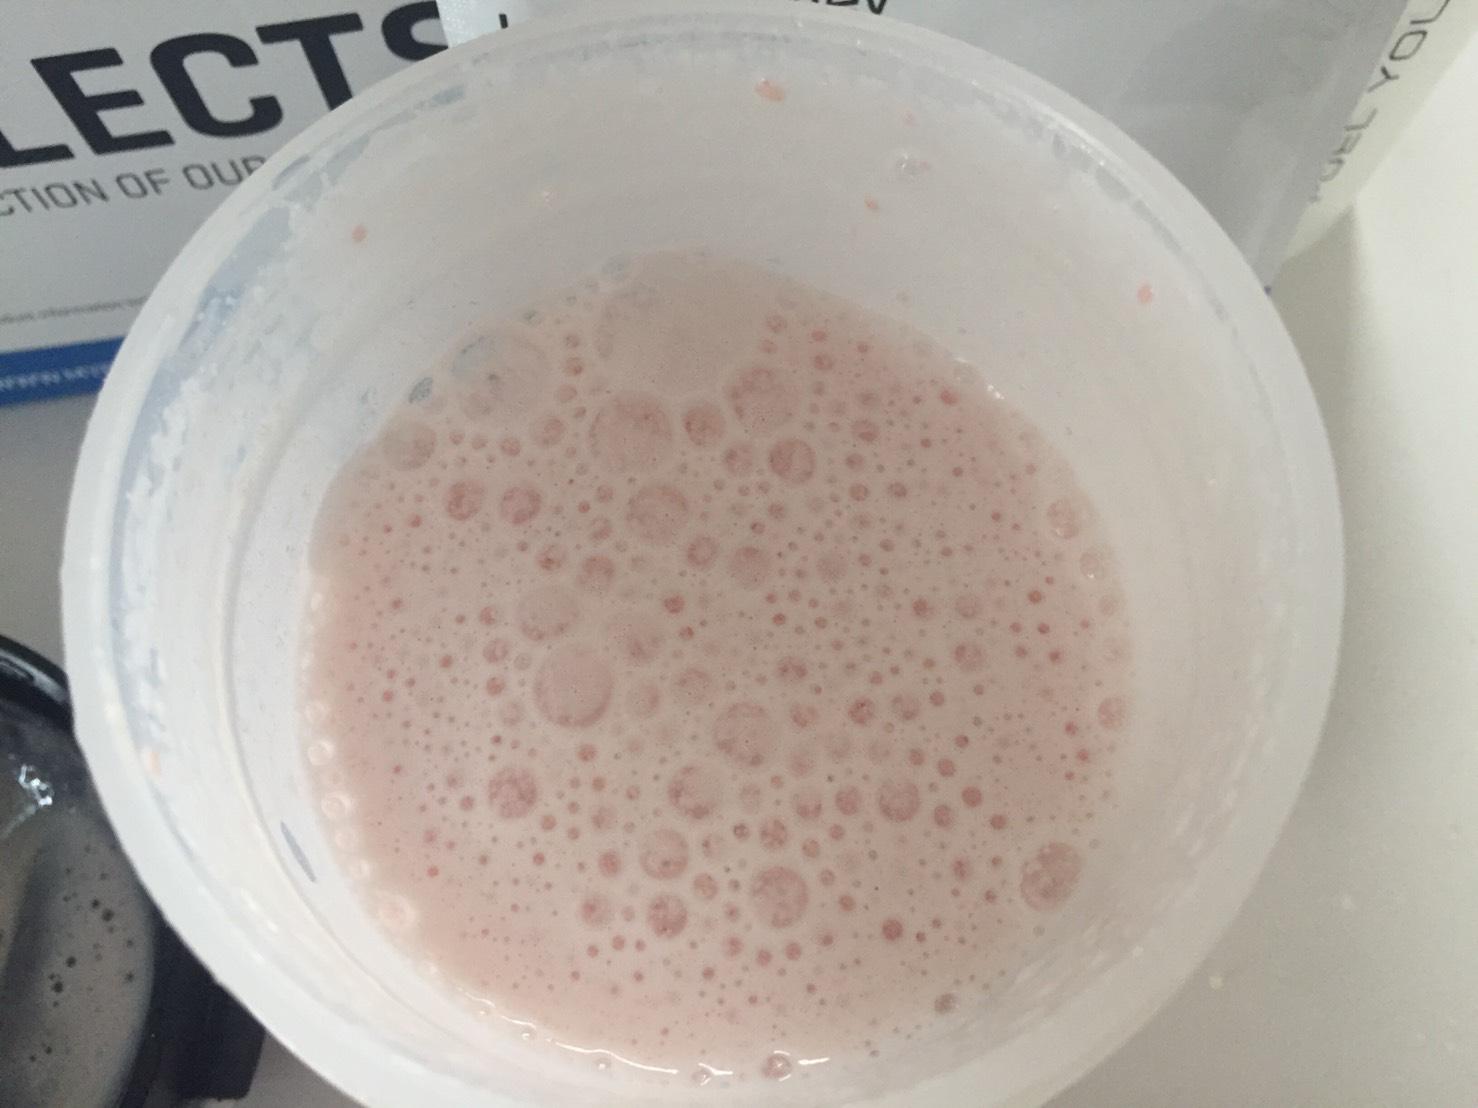 【WPC】Impactホエイプロテイン「Strawberry jam Roly Poly(ストロベリージャム・ローリー・ポーリー味)」を200mlの牛乳で溶かした様子